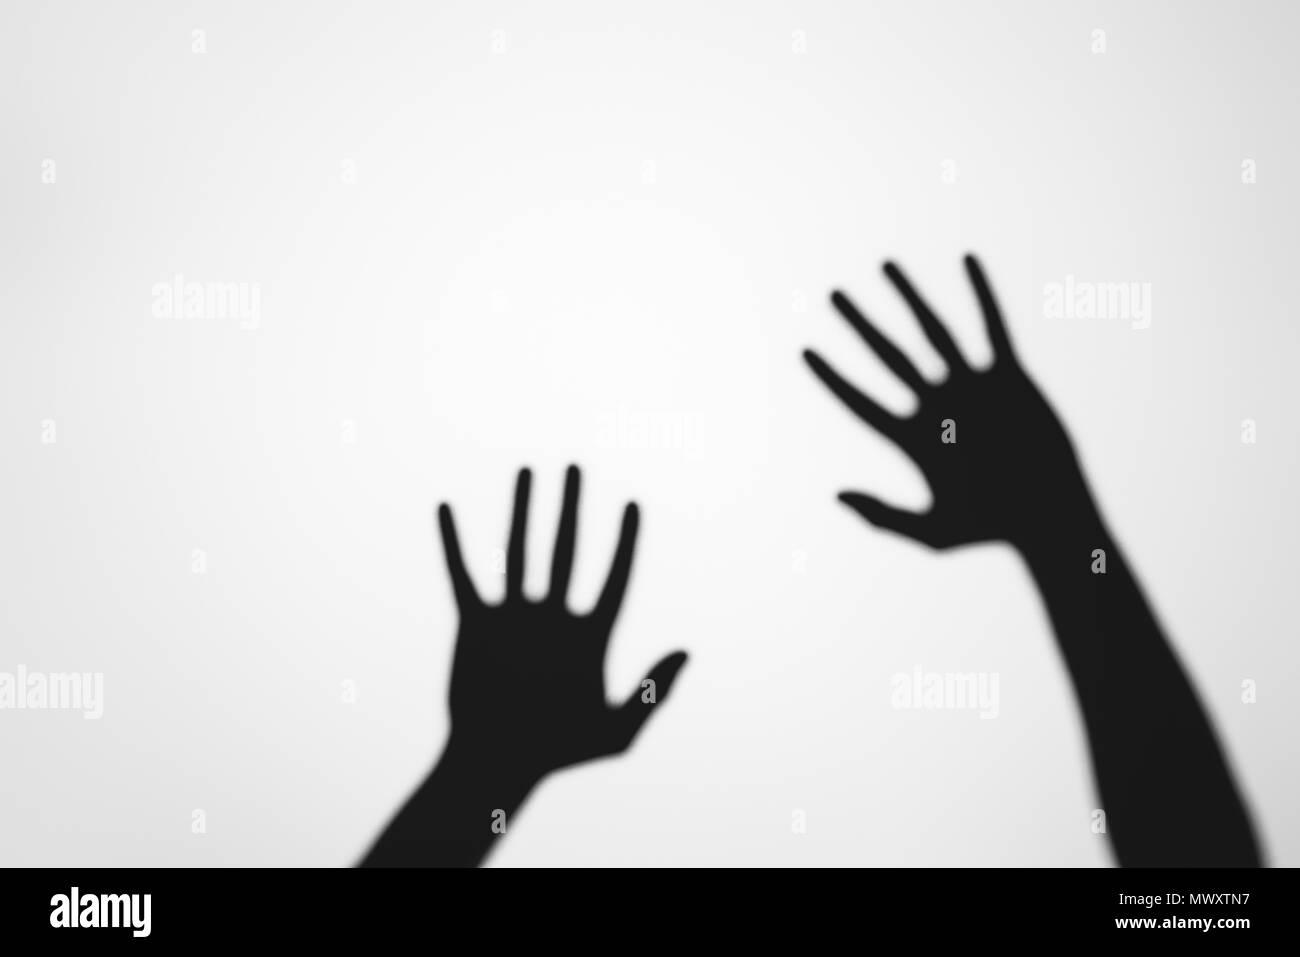 Ombres mystérieuses spooky de mains humaines sur gris Photo Stock